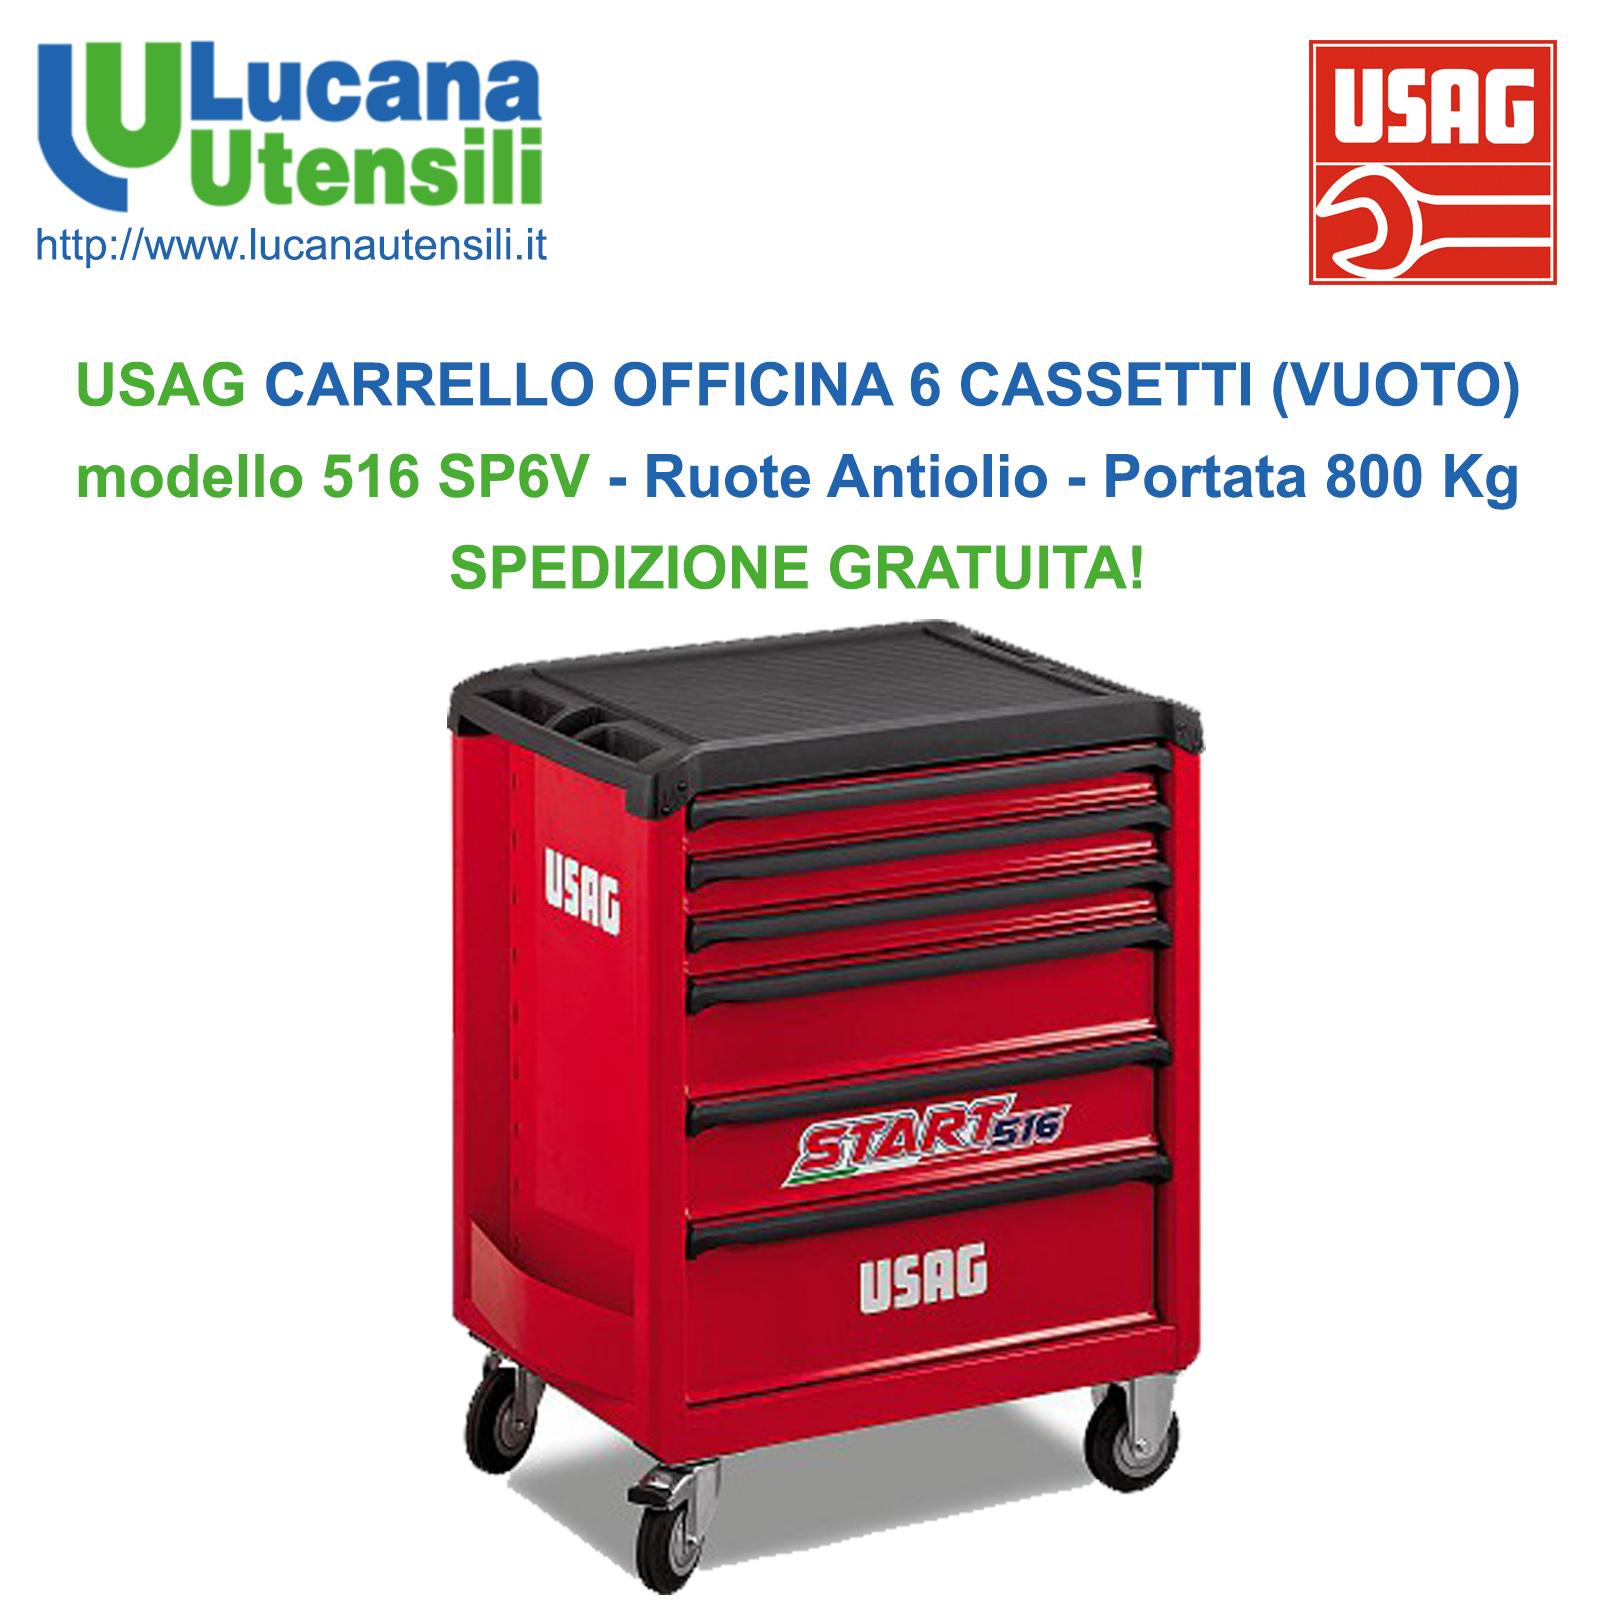 353b83bcb5260d USAG CARRELLO OFFICINA con 6 CASSETTI (VUOTO) modello 516 SP6V con ...